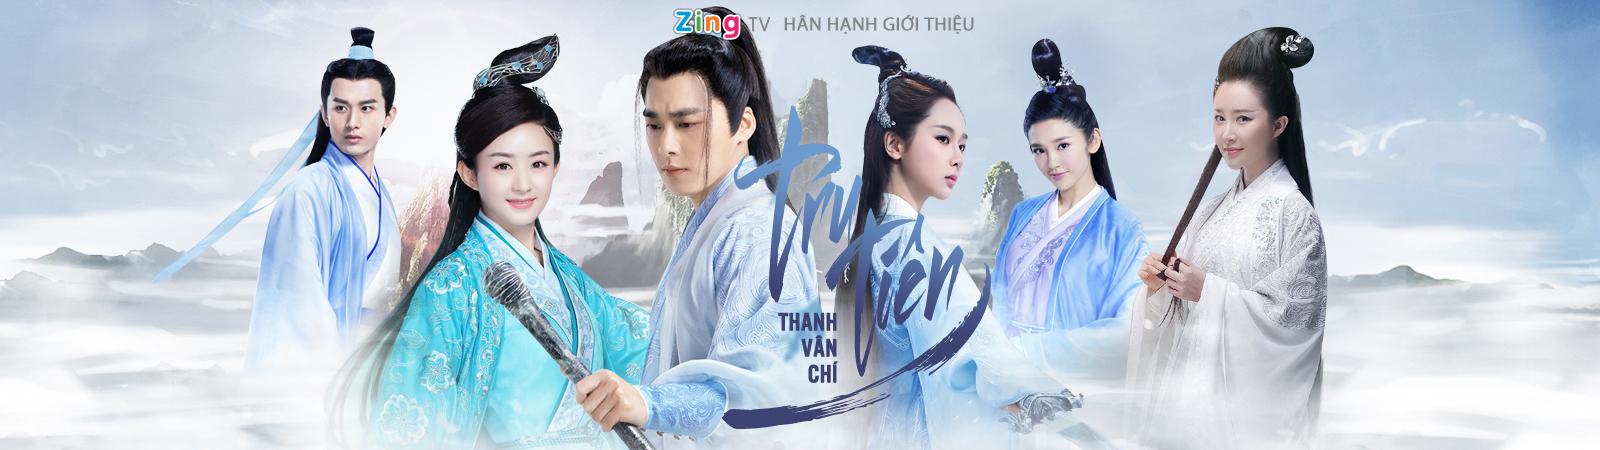 Phần 2 - Tru Tiên - Thanh Vân Chí